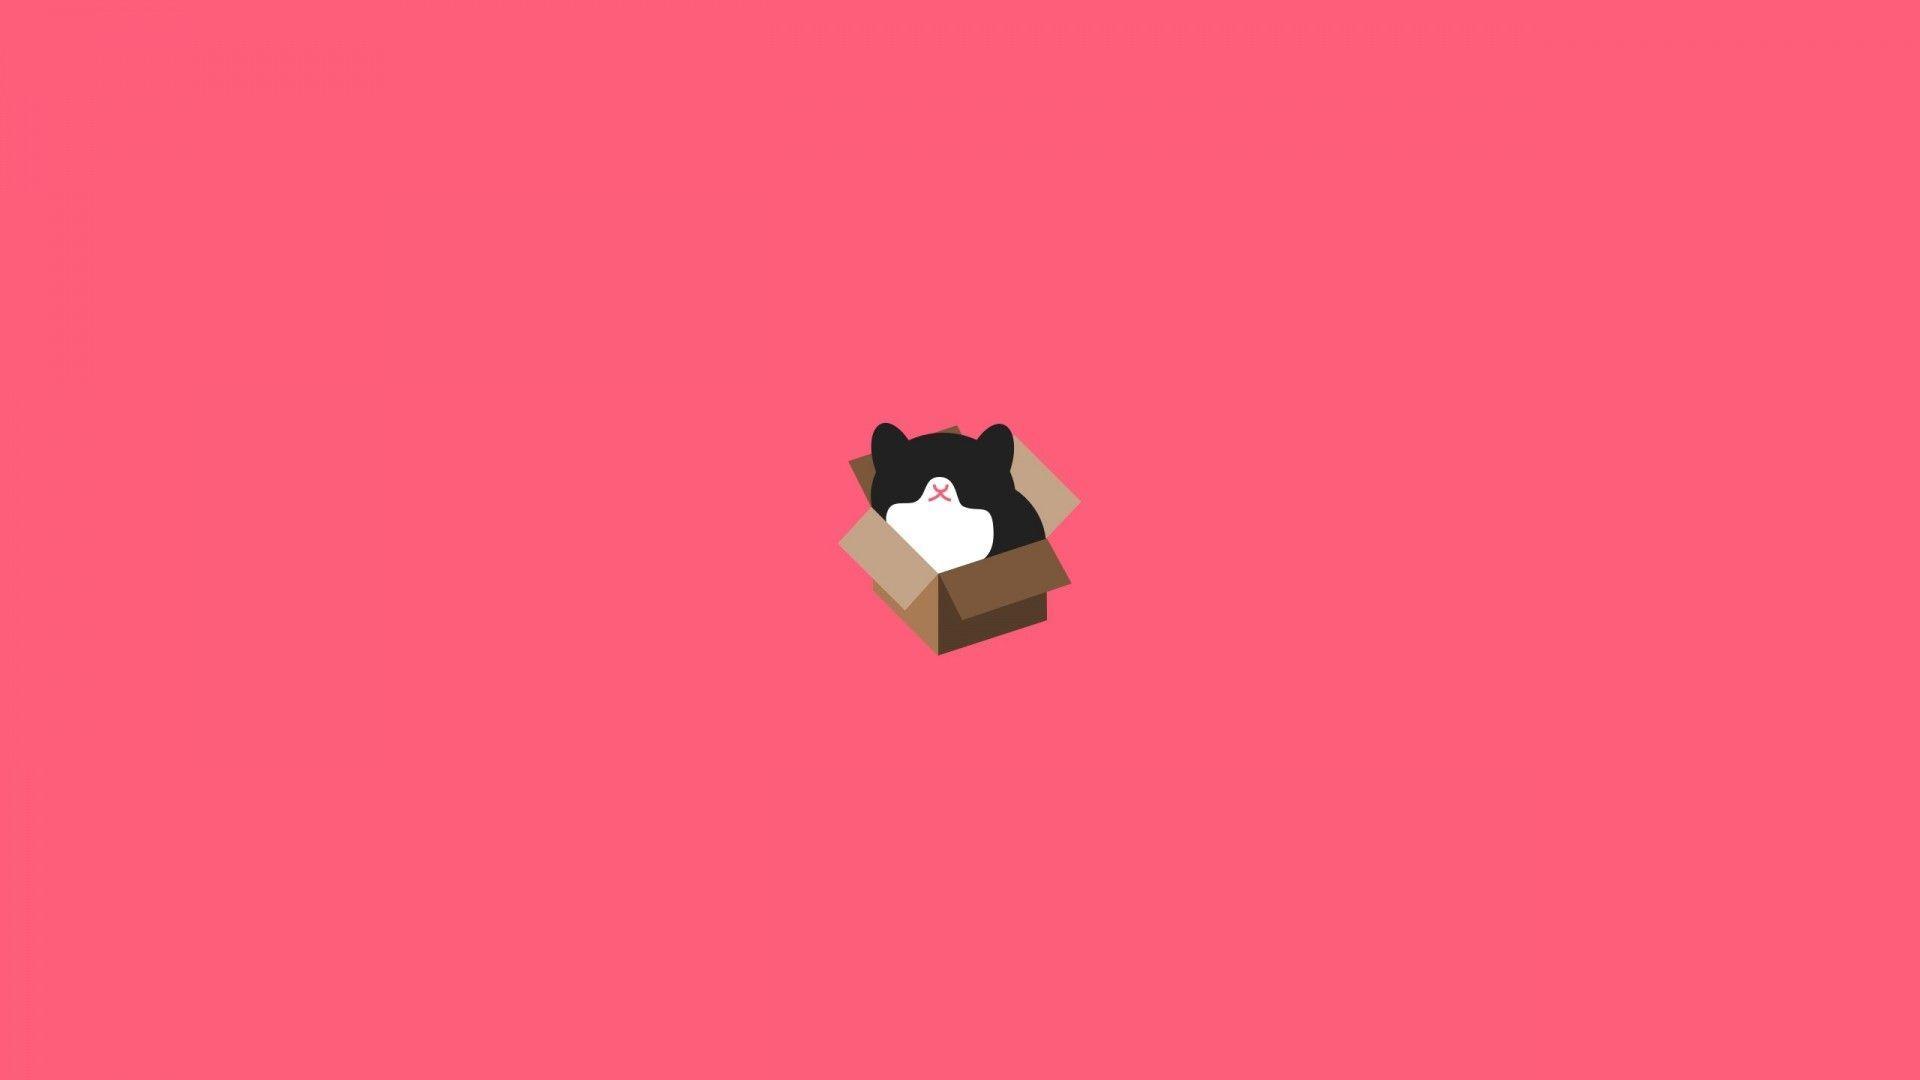 Minimalist Cat Wallpapers - Top Free Minimalist Cat ...